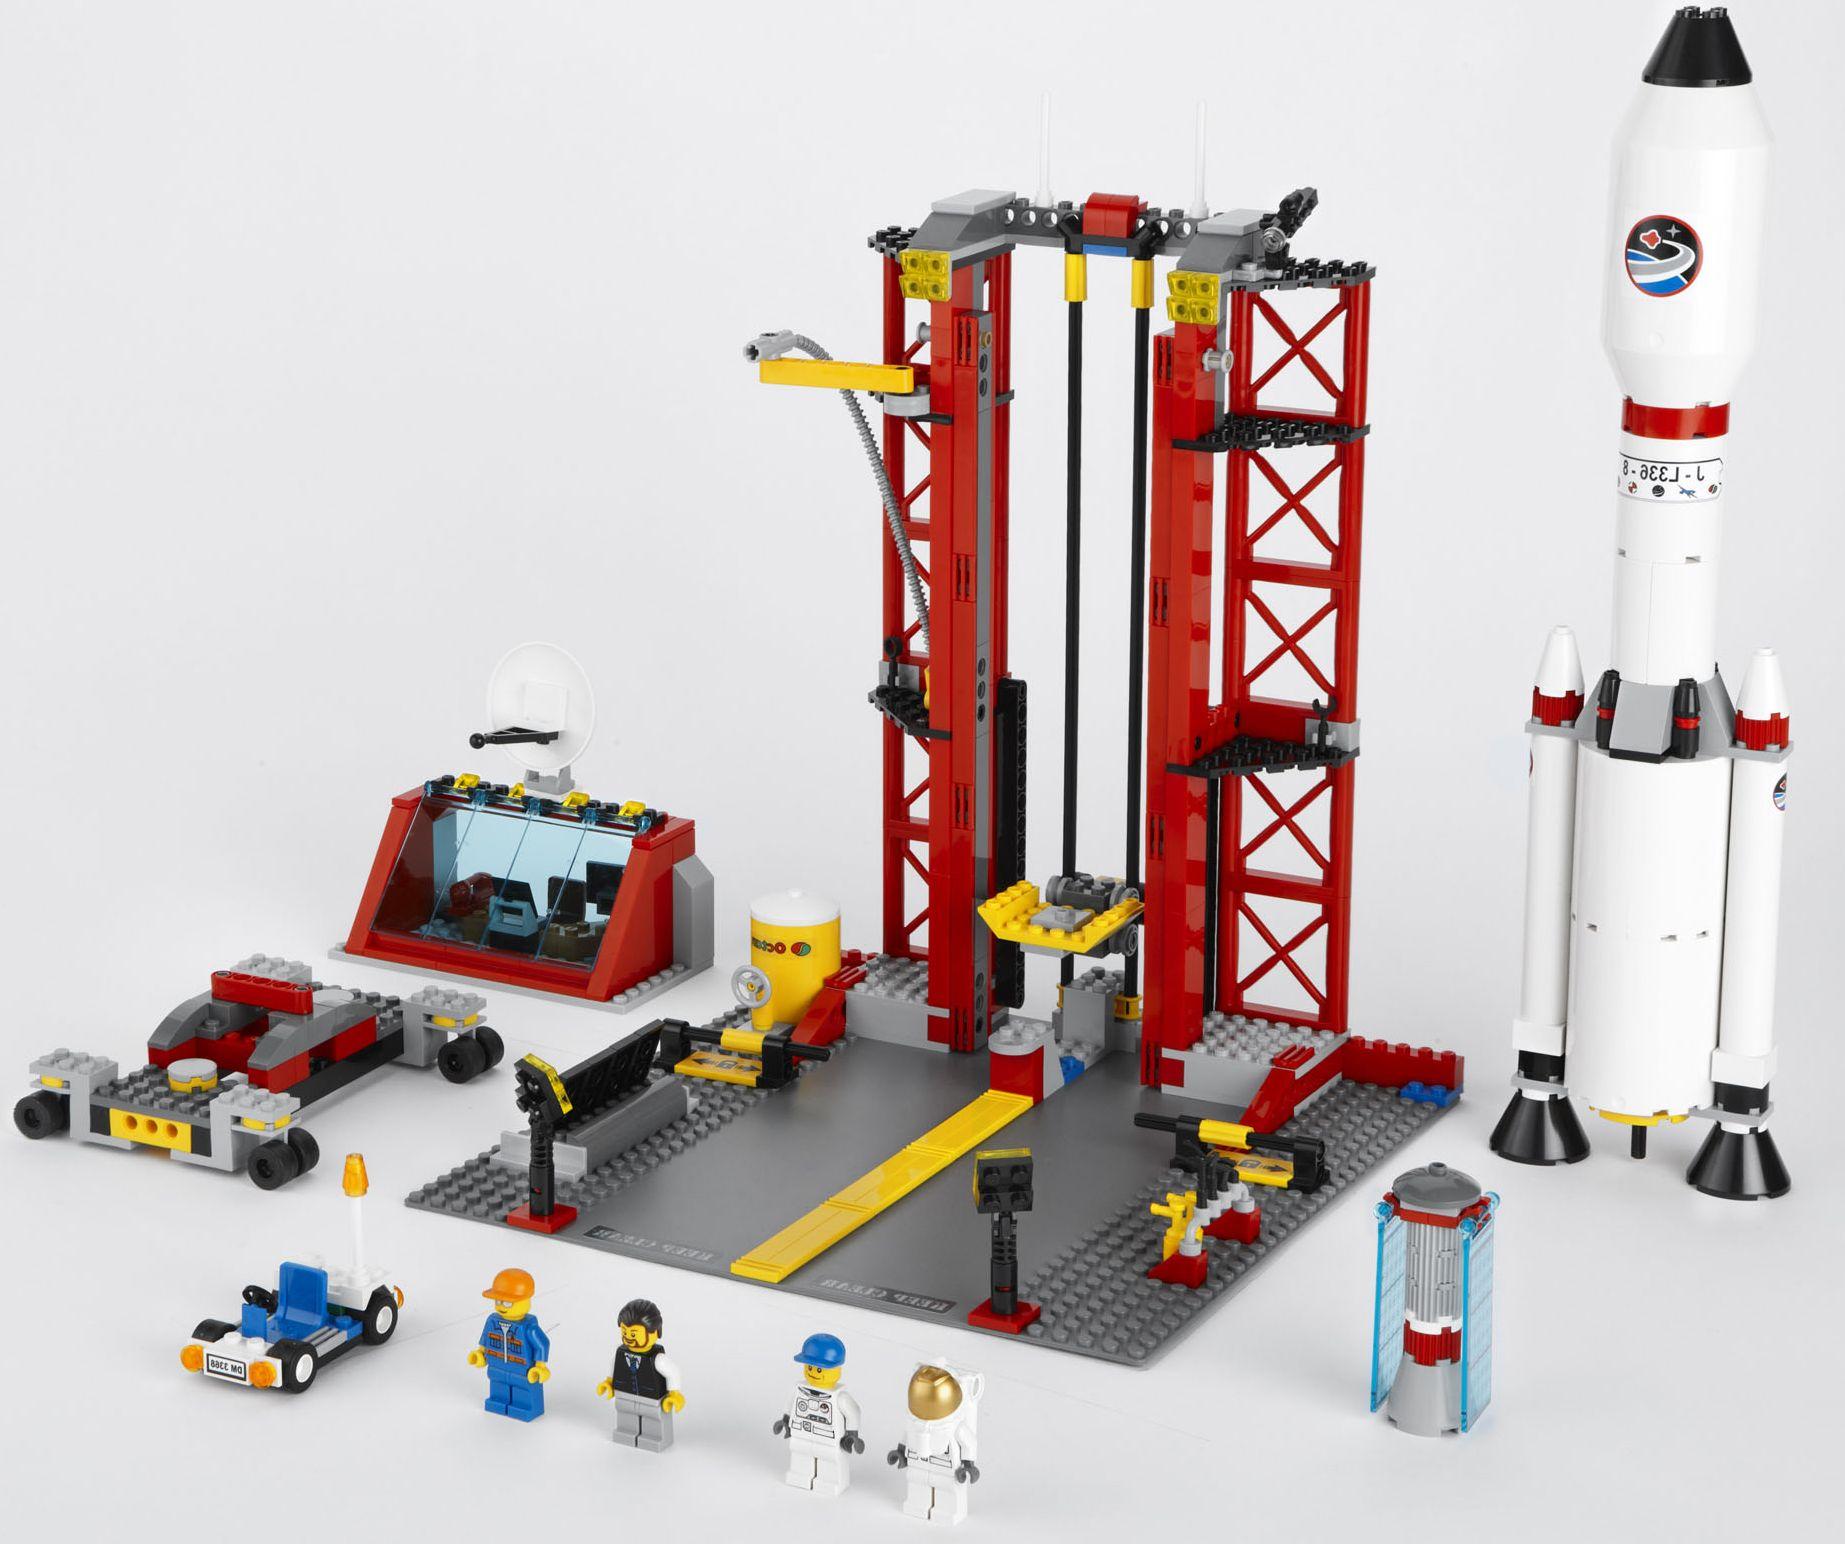 Lego City 3368 Space Center I Brick